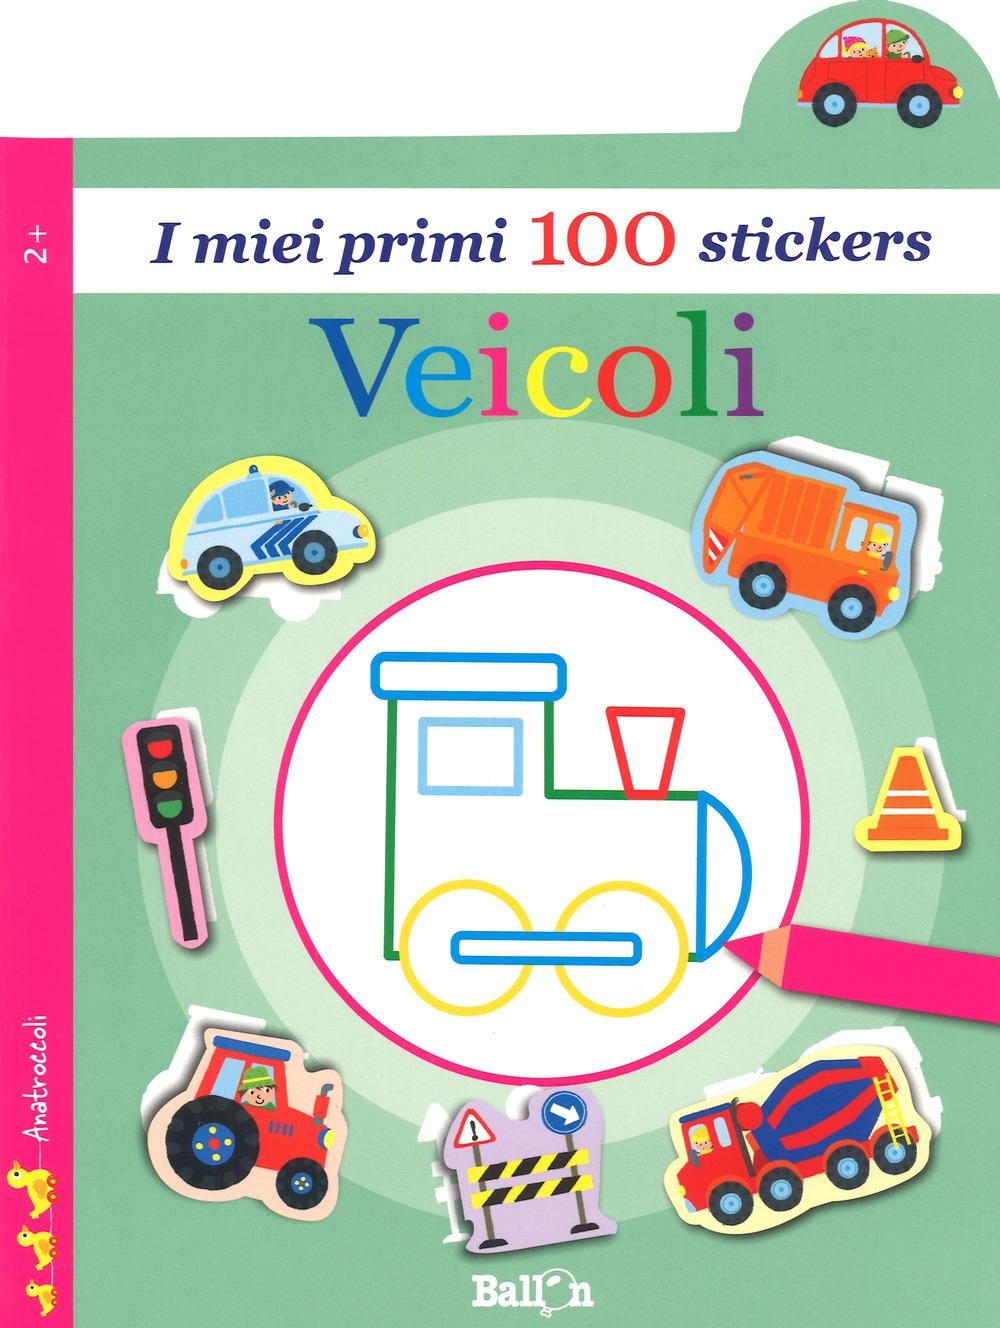 Veicoli. I miei primi 100 stickers. Ediz. a colori